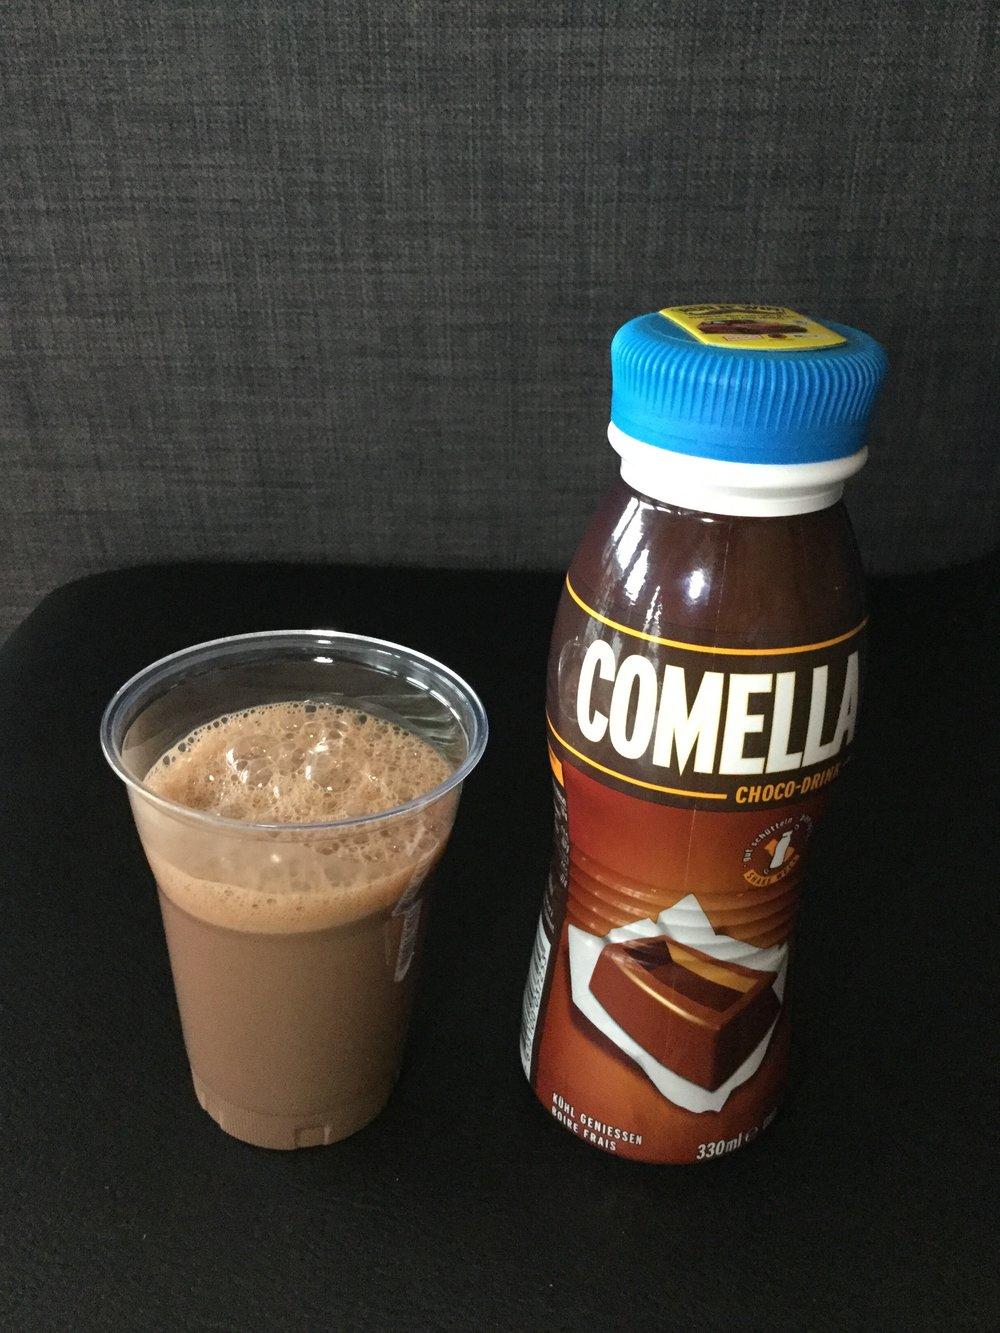 Comella Choco-Drink Cup